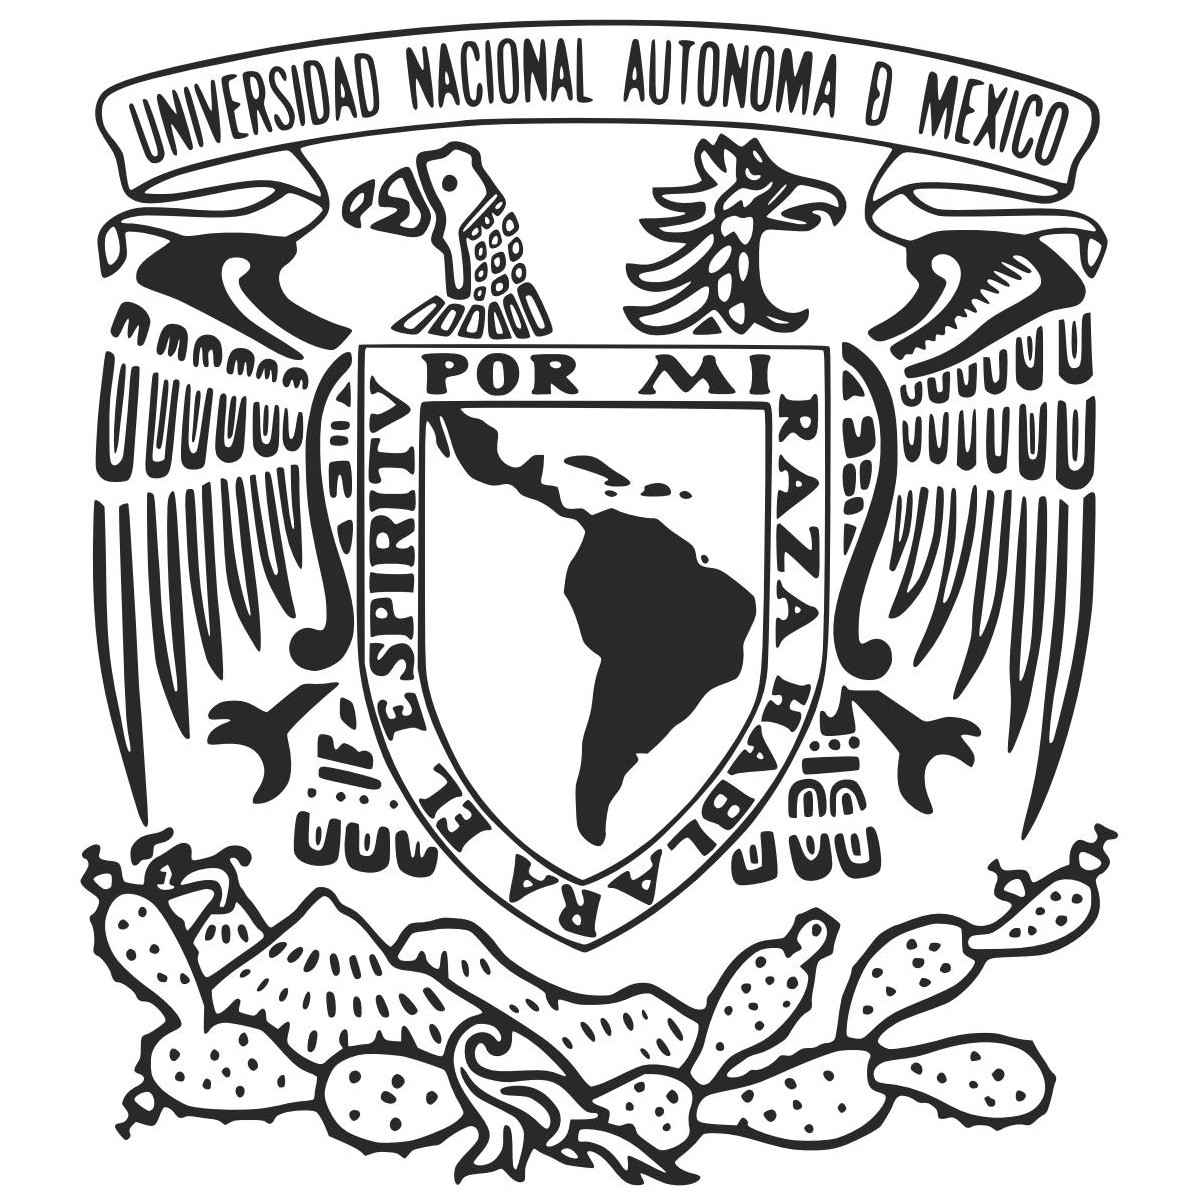 UNAM Logo [National Autonomous University of Mexico] png